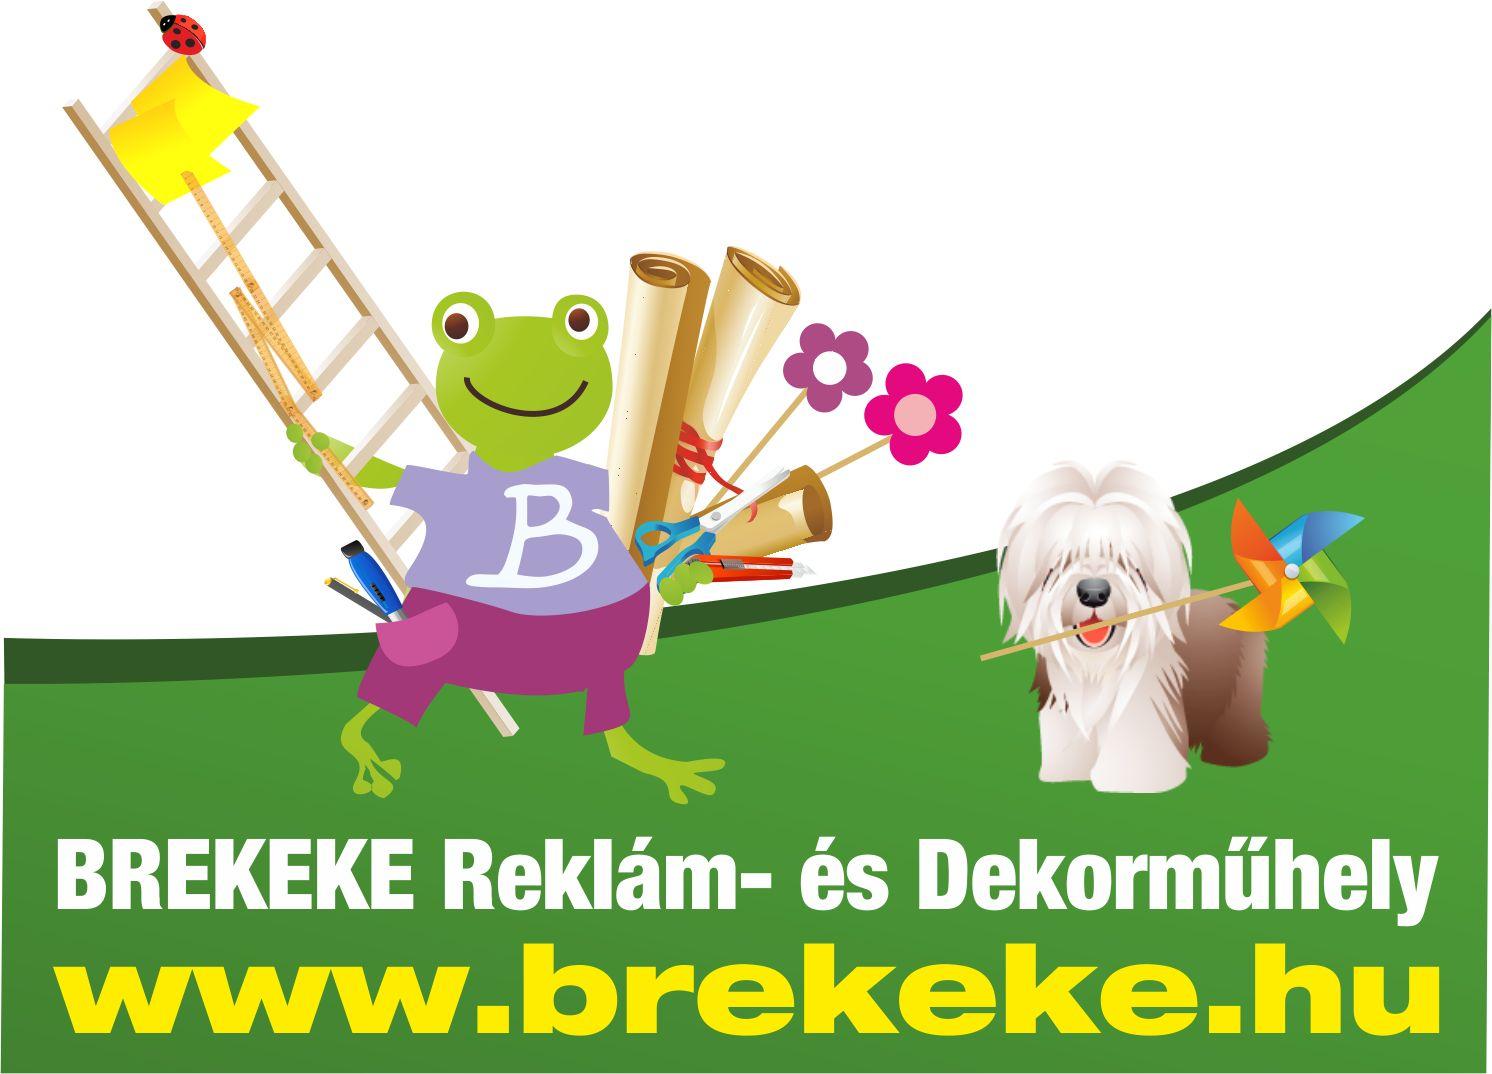 brekeke_logo